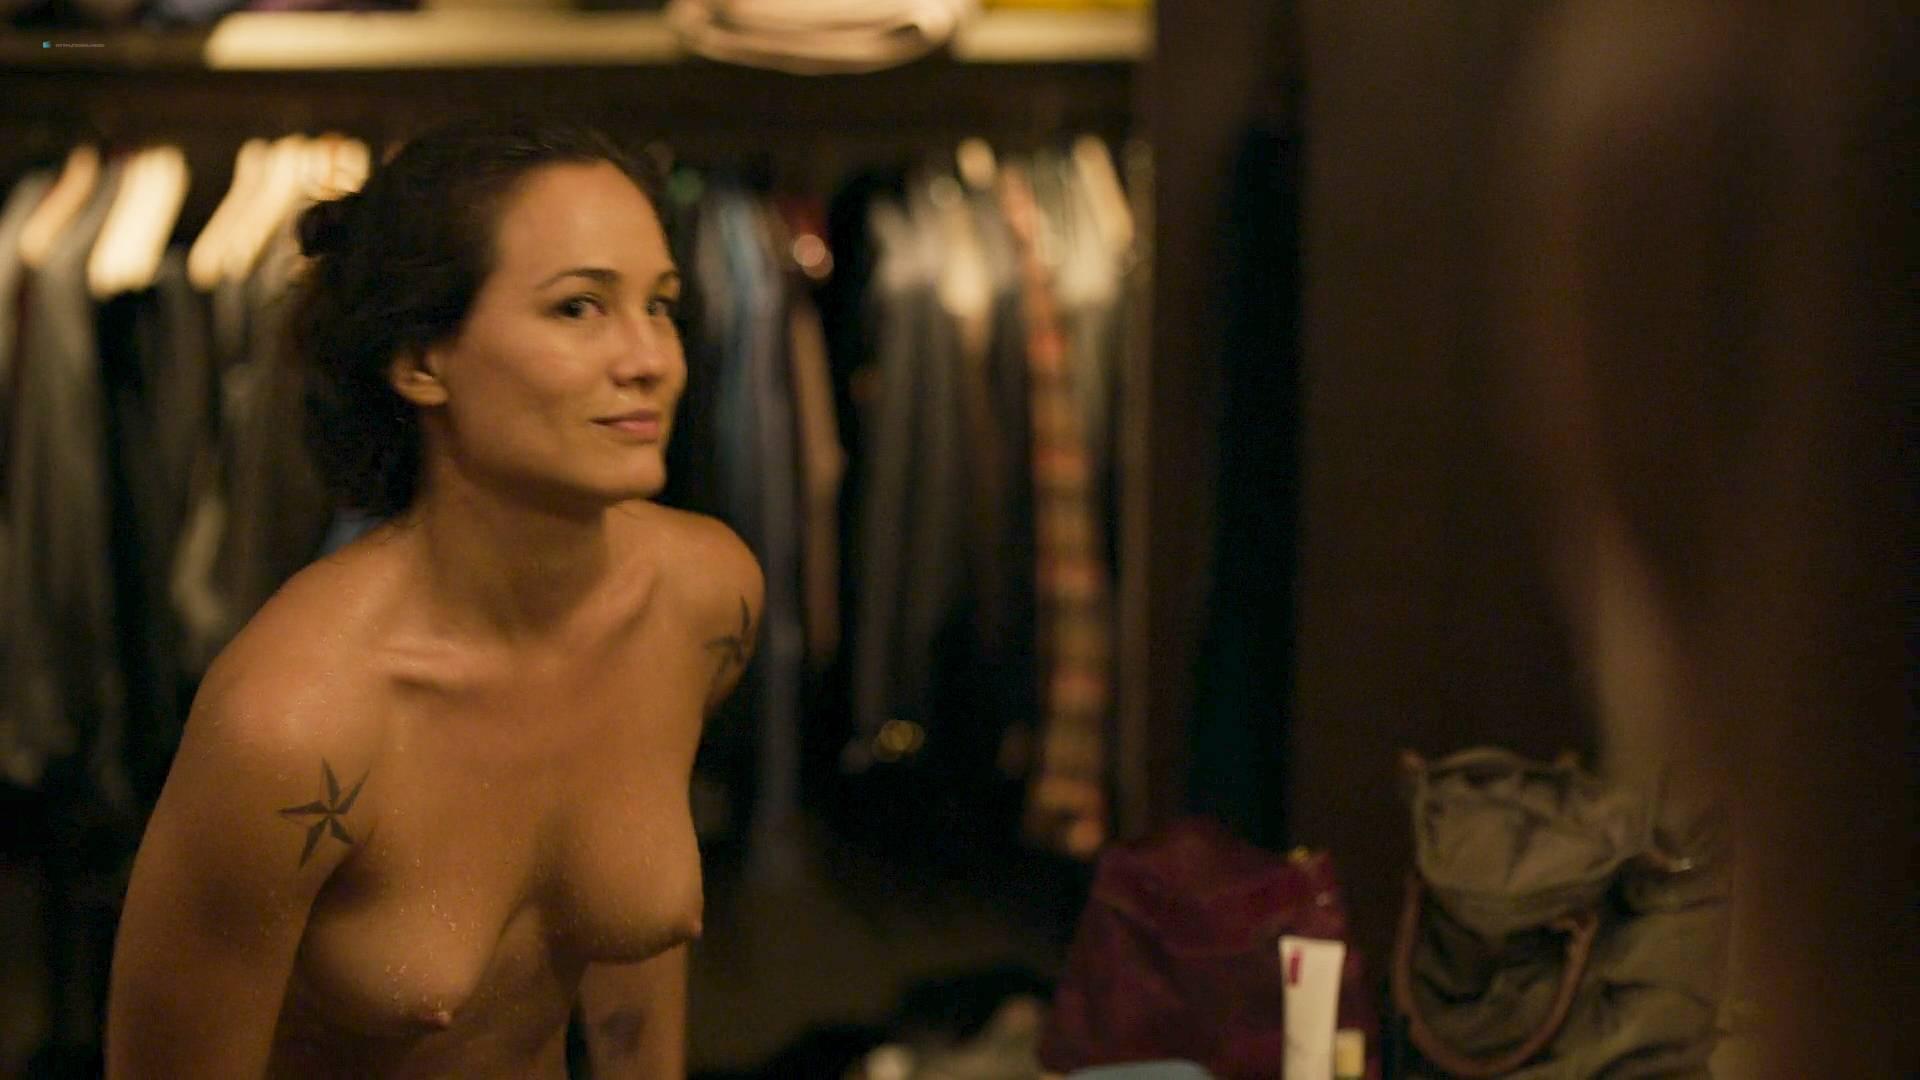 nicole sullivan naked